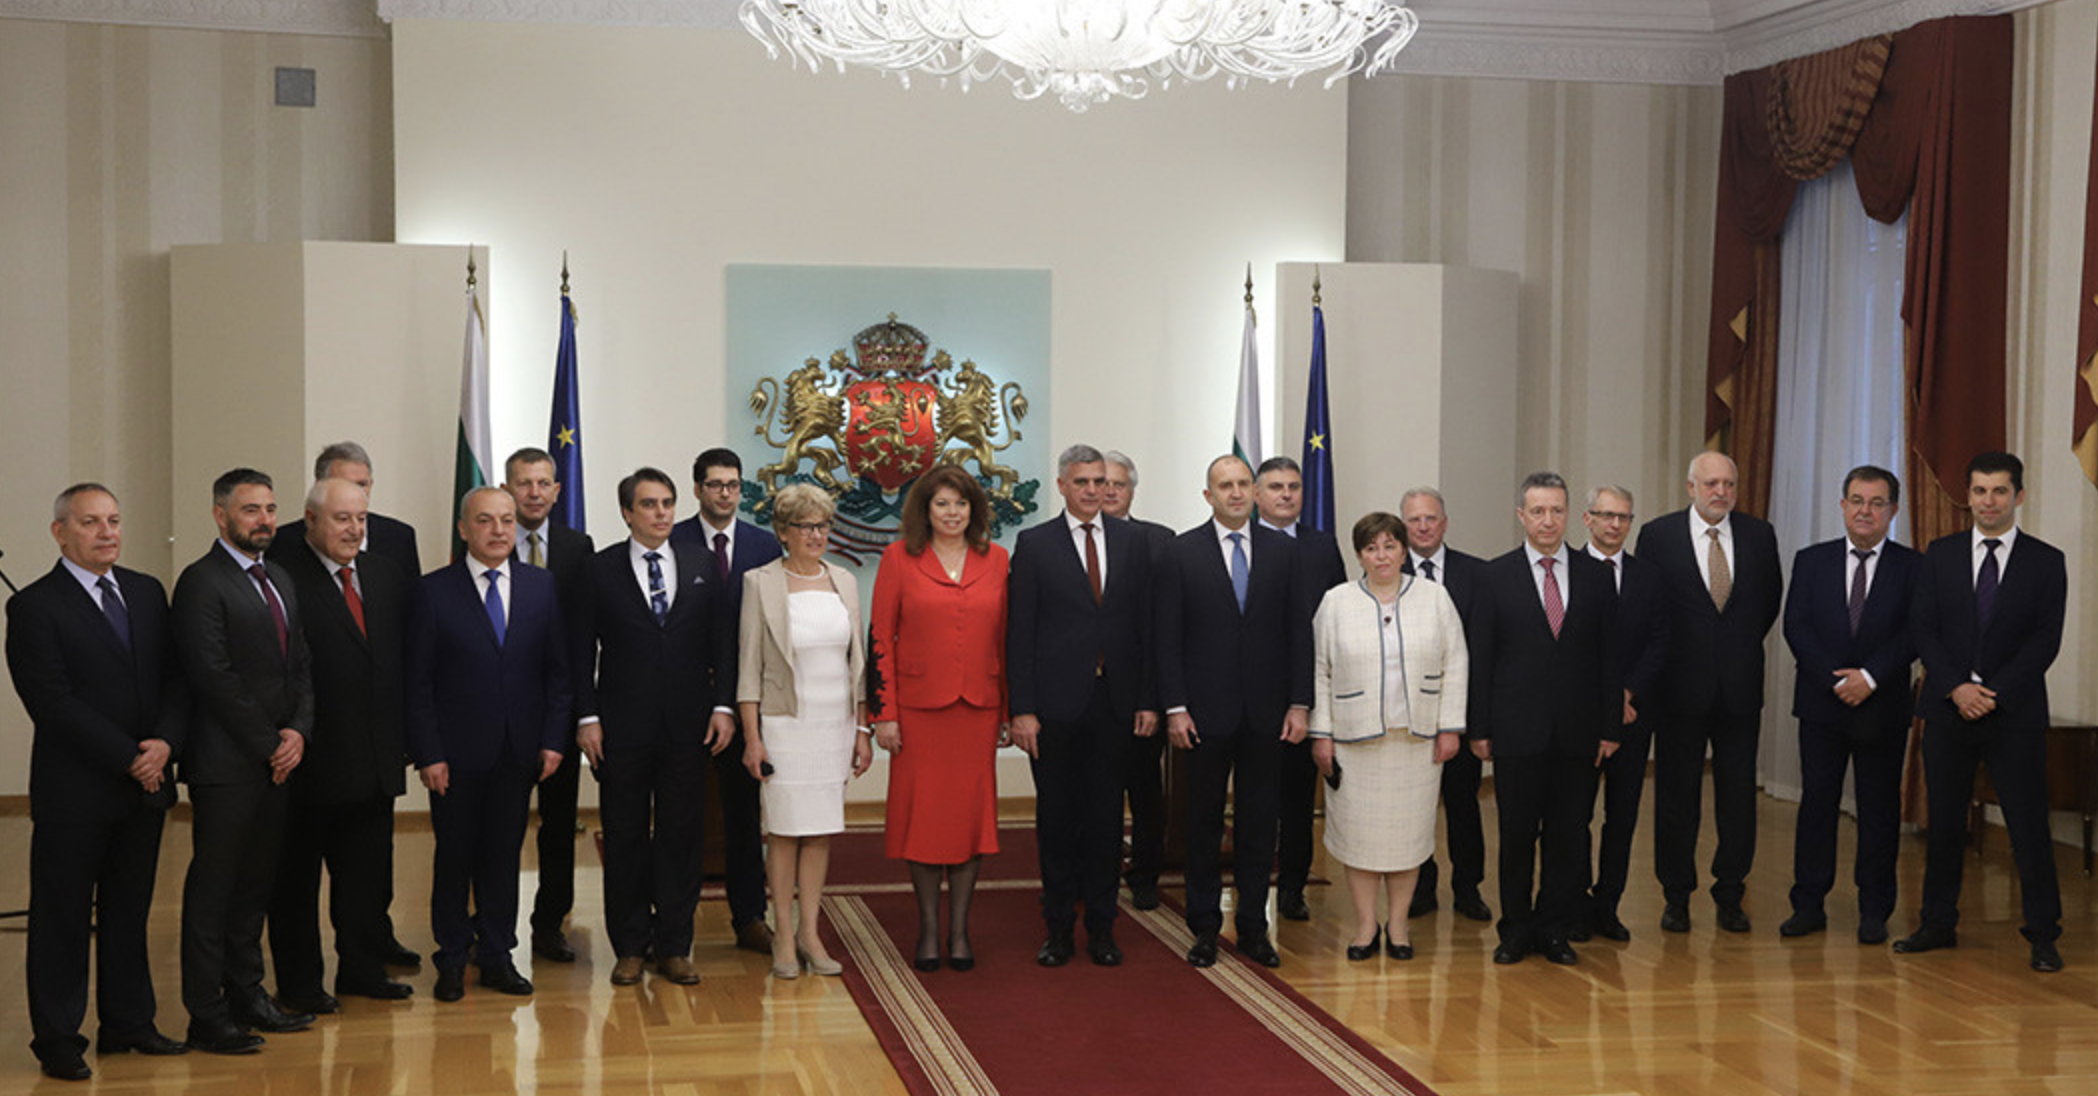 Βουλγαρία: Ορκίστηκε η υπηρεσιακή κυβέρνηση ενώπιον του Προέδρου Radev